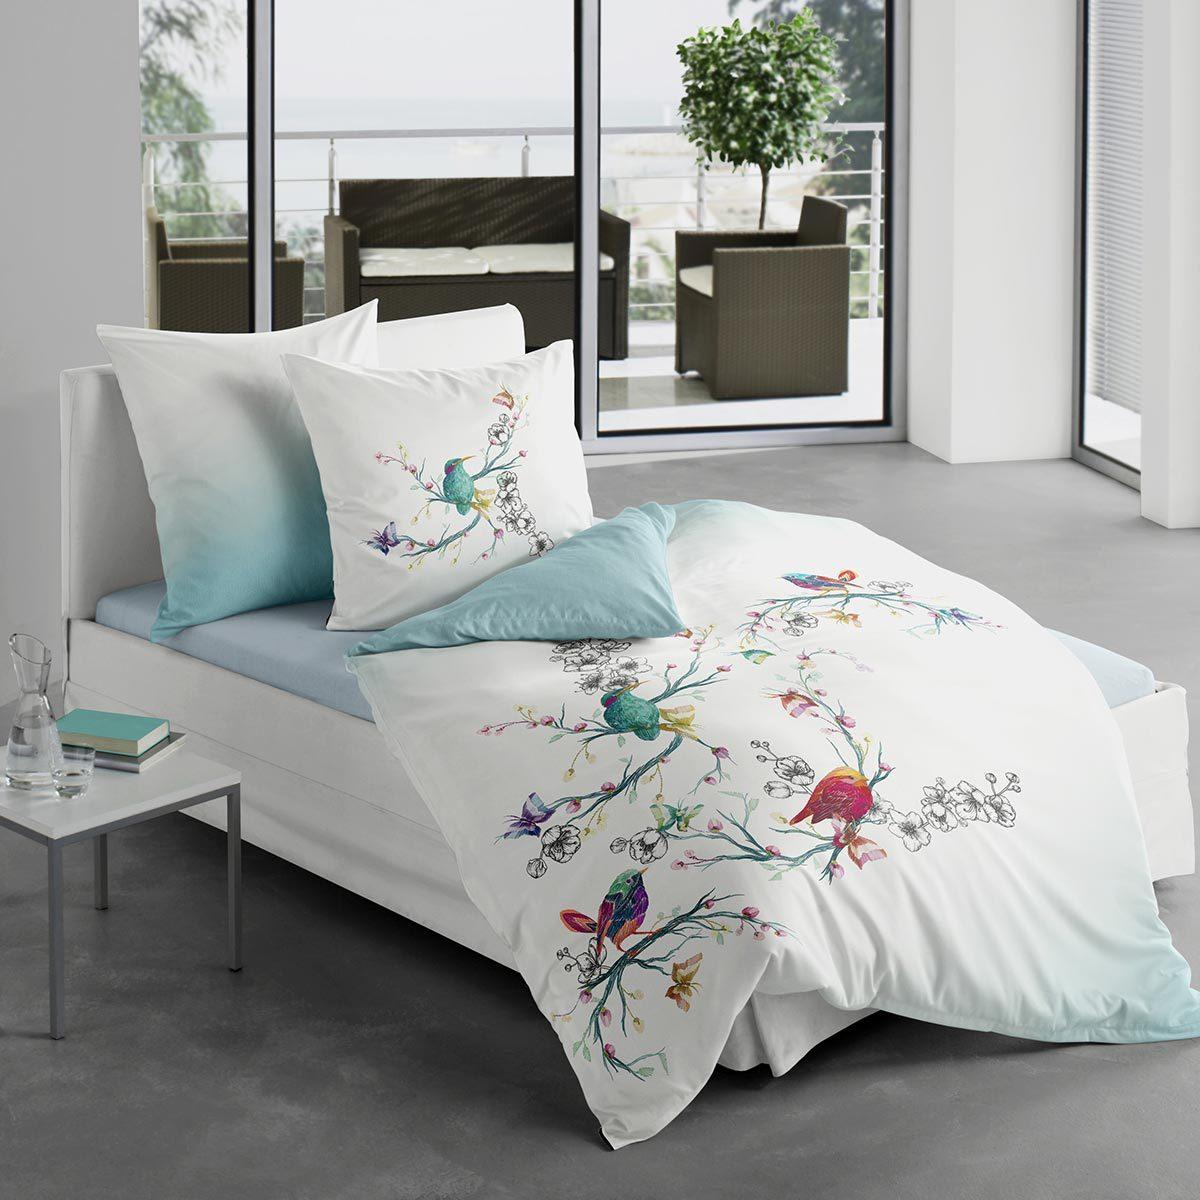 Traumschlaf Mako-Satin Bettwäsche Vögelchen